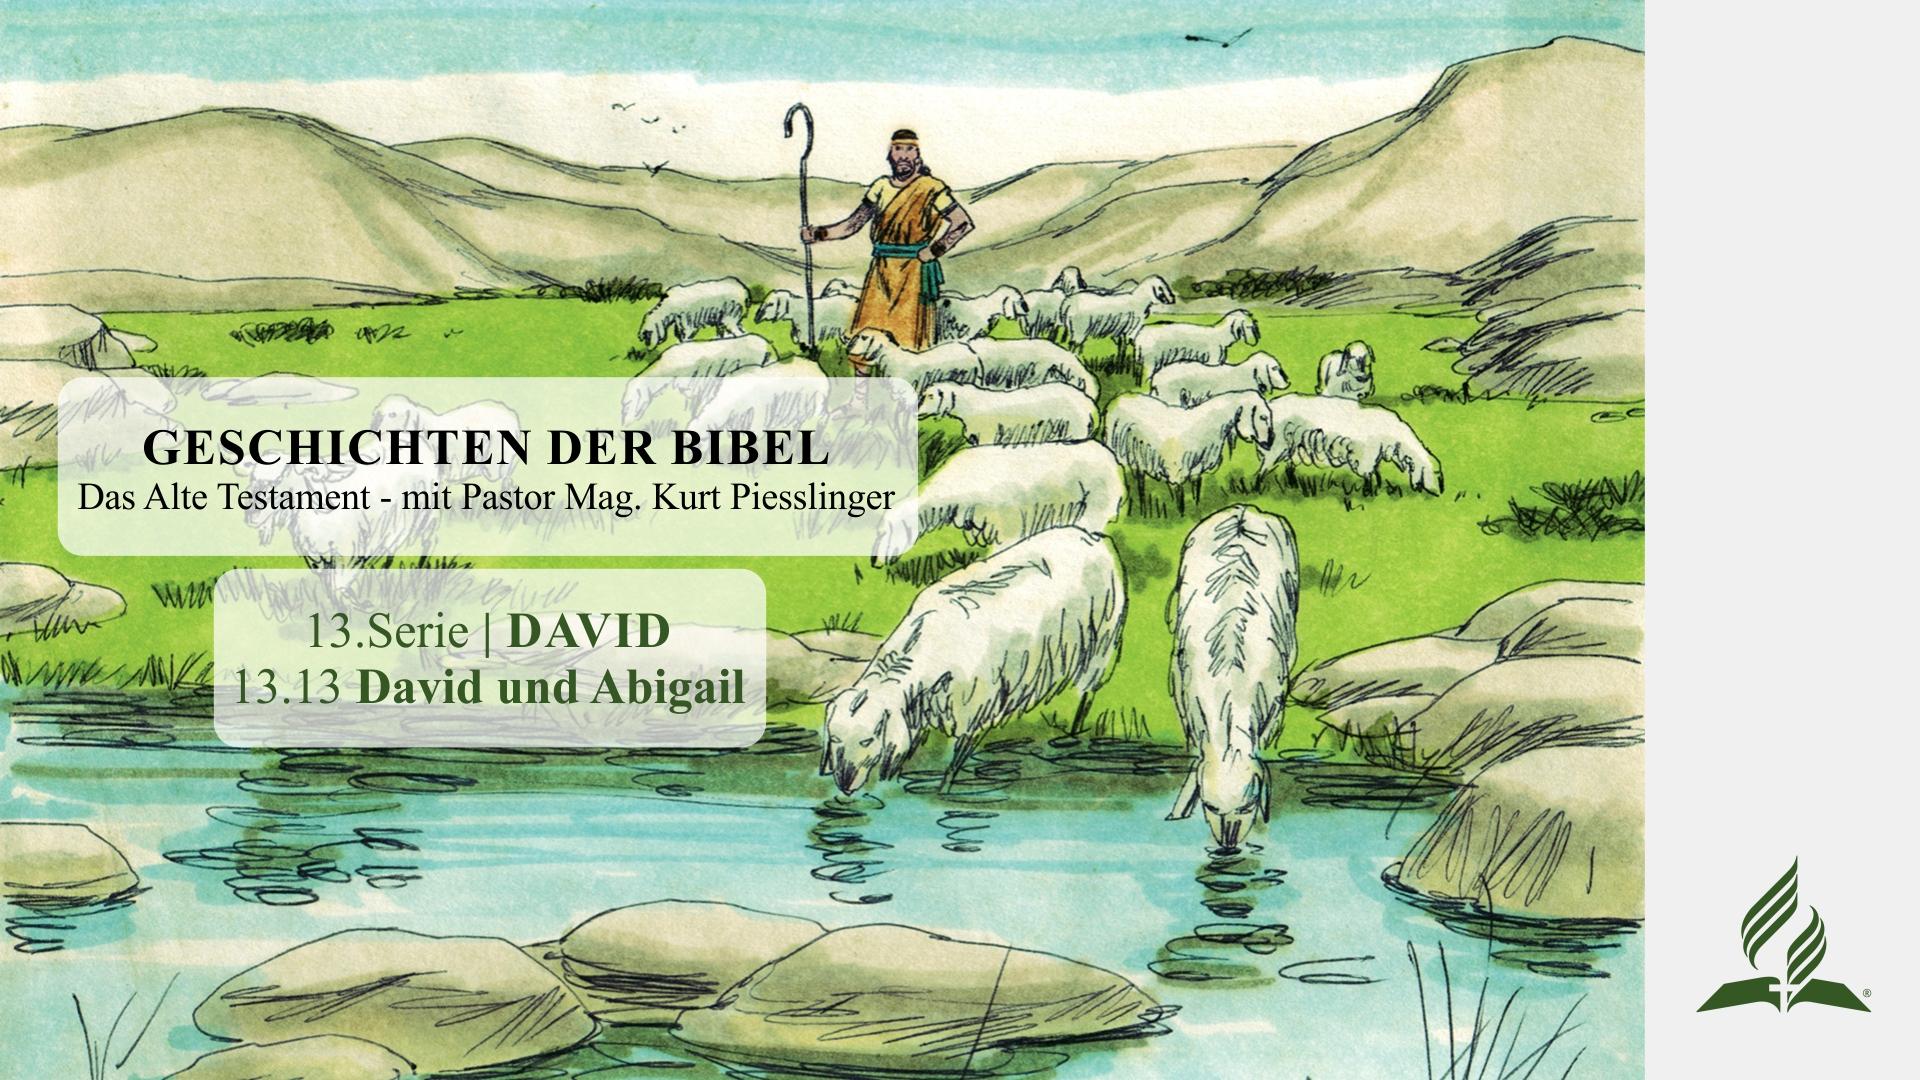 GESCHICHTEN DER BIBEL: 13.13 David und Abigail – 13.DAVID   Pastor Mag. Kurt Piesslinger